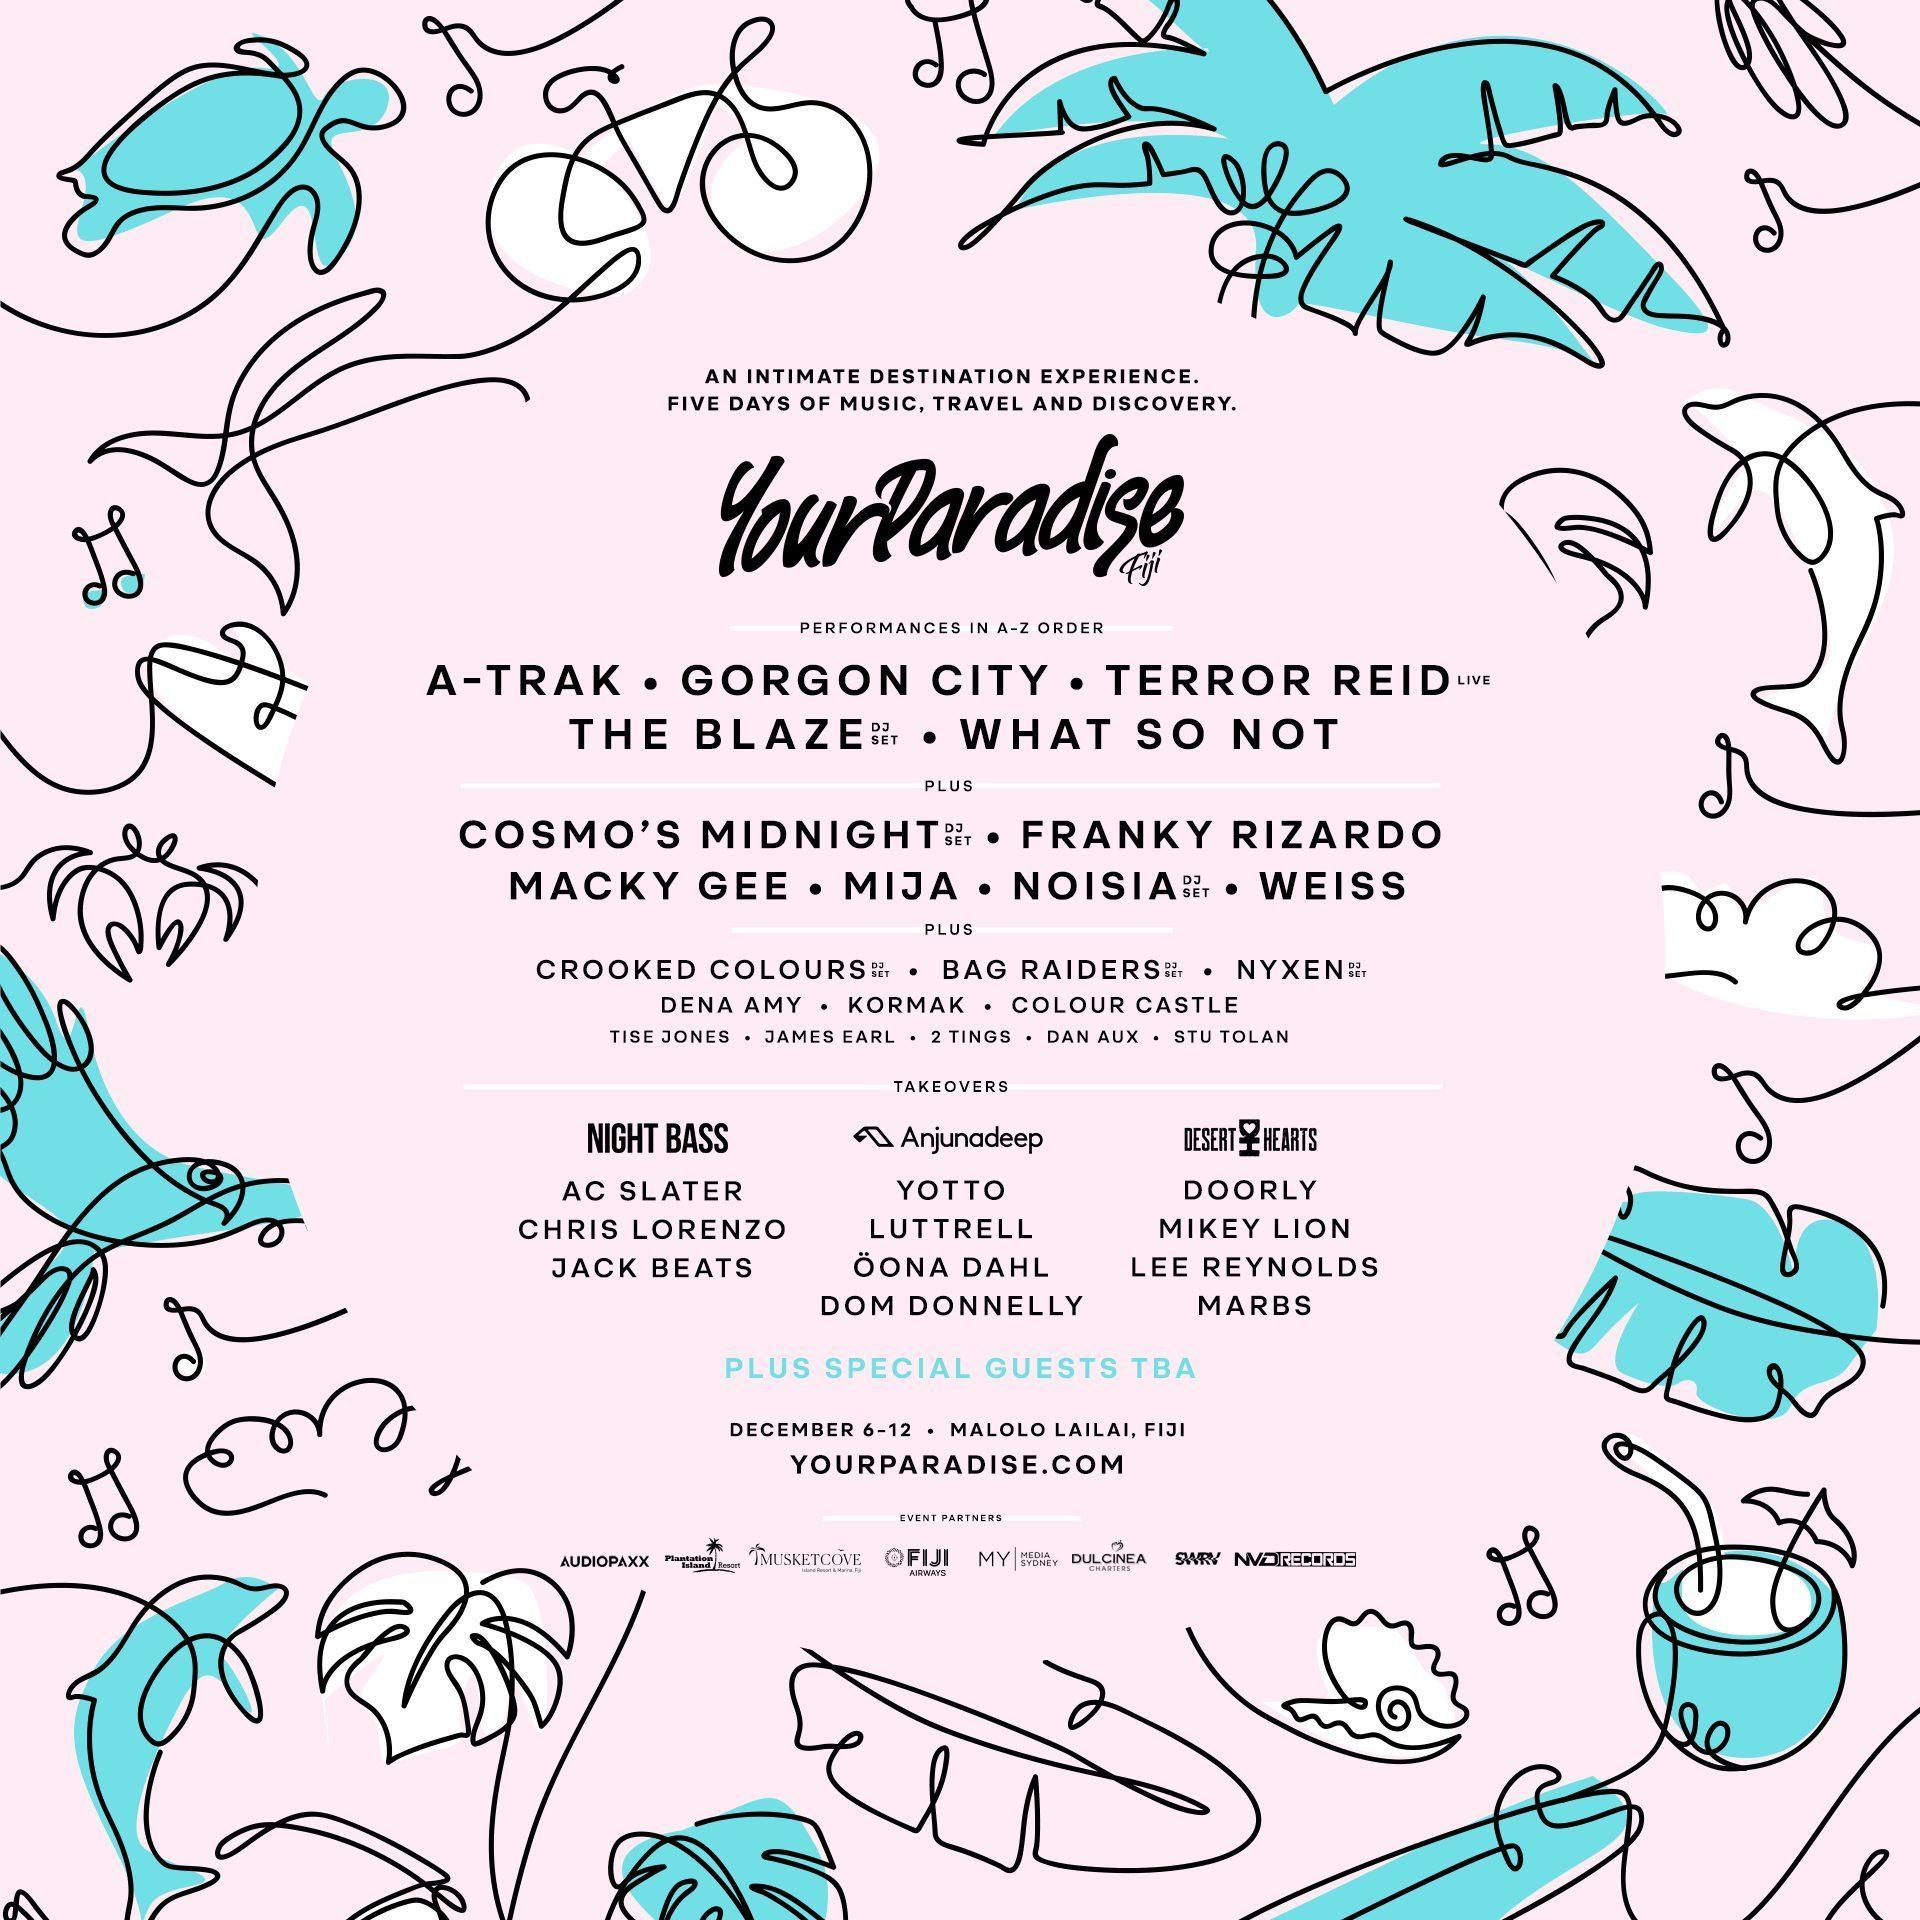 your-paradise-2019-lineup-oz-edm-poster